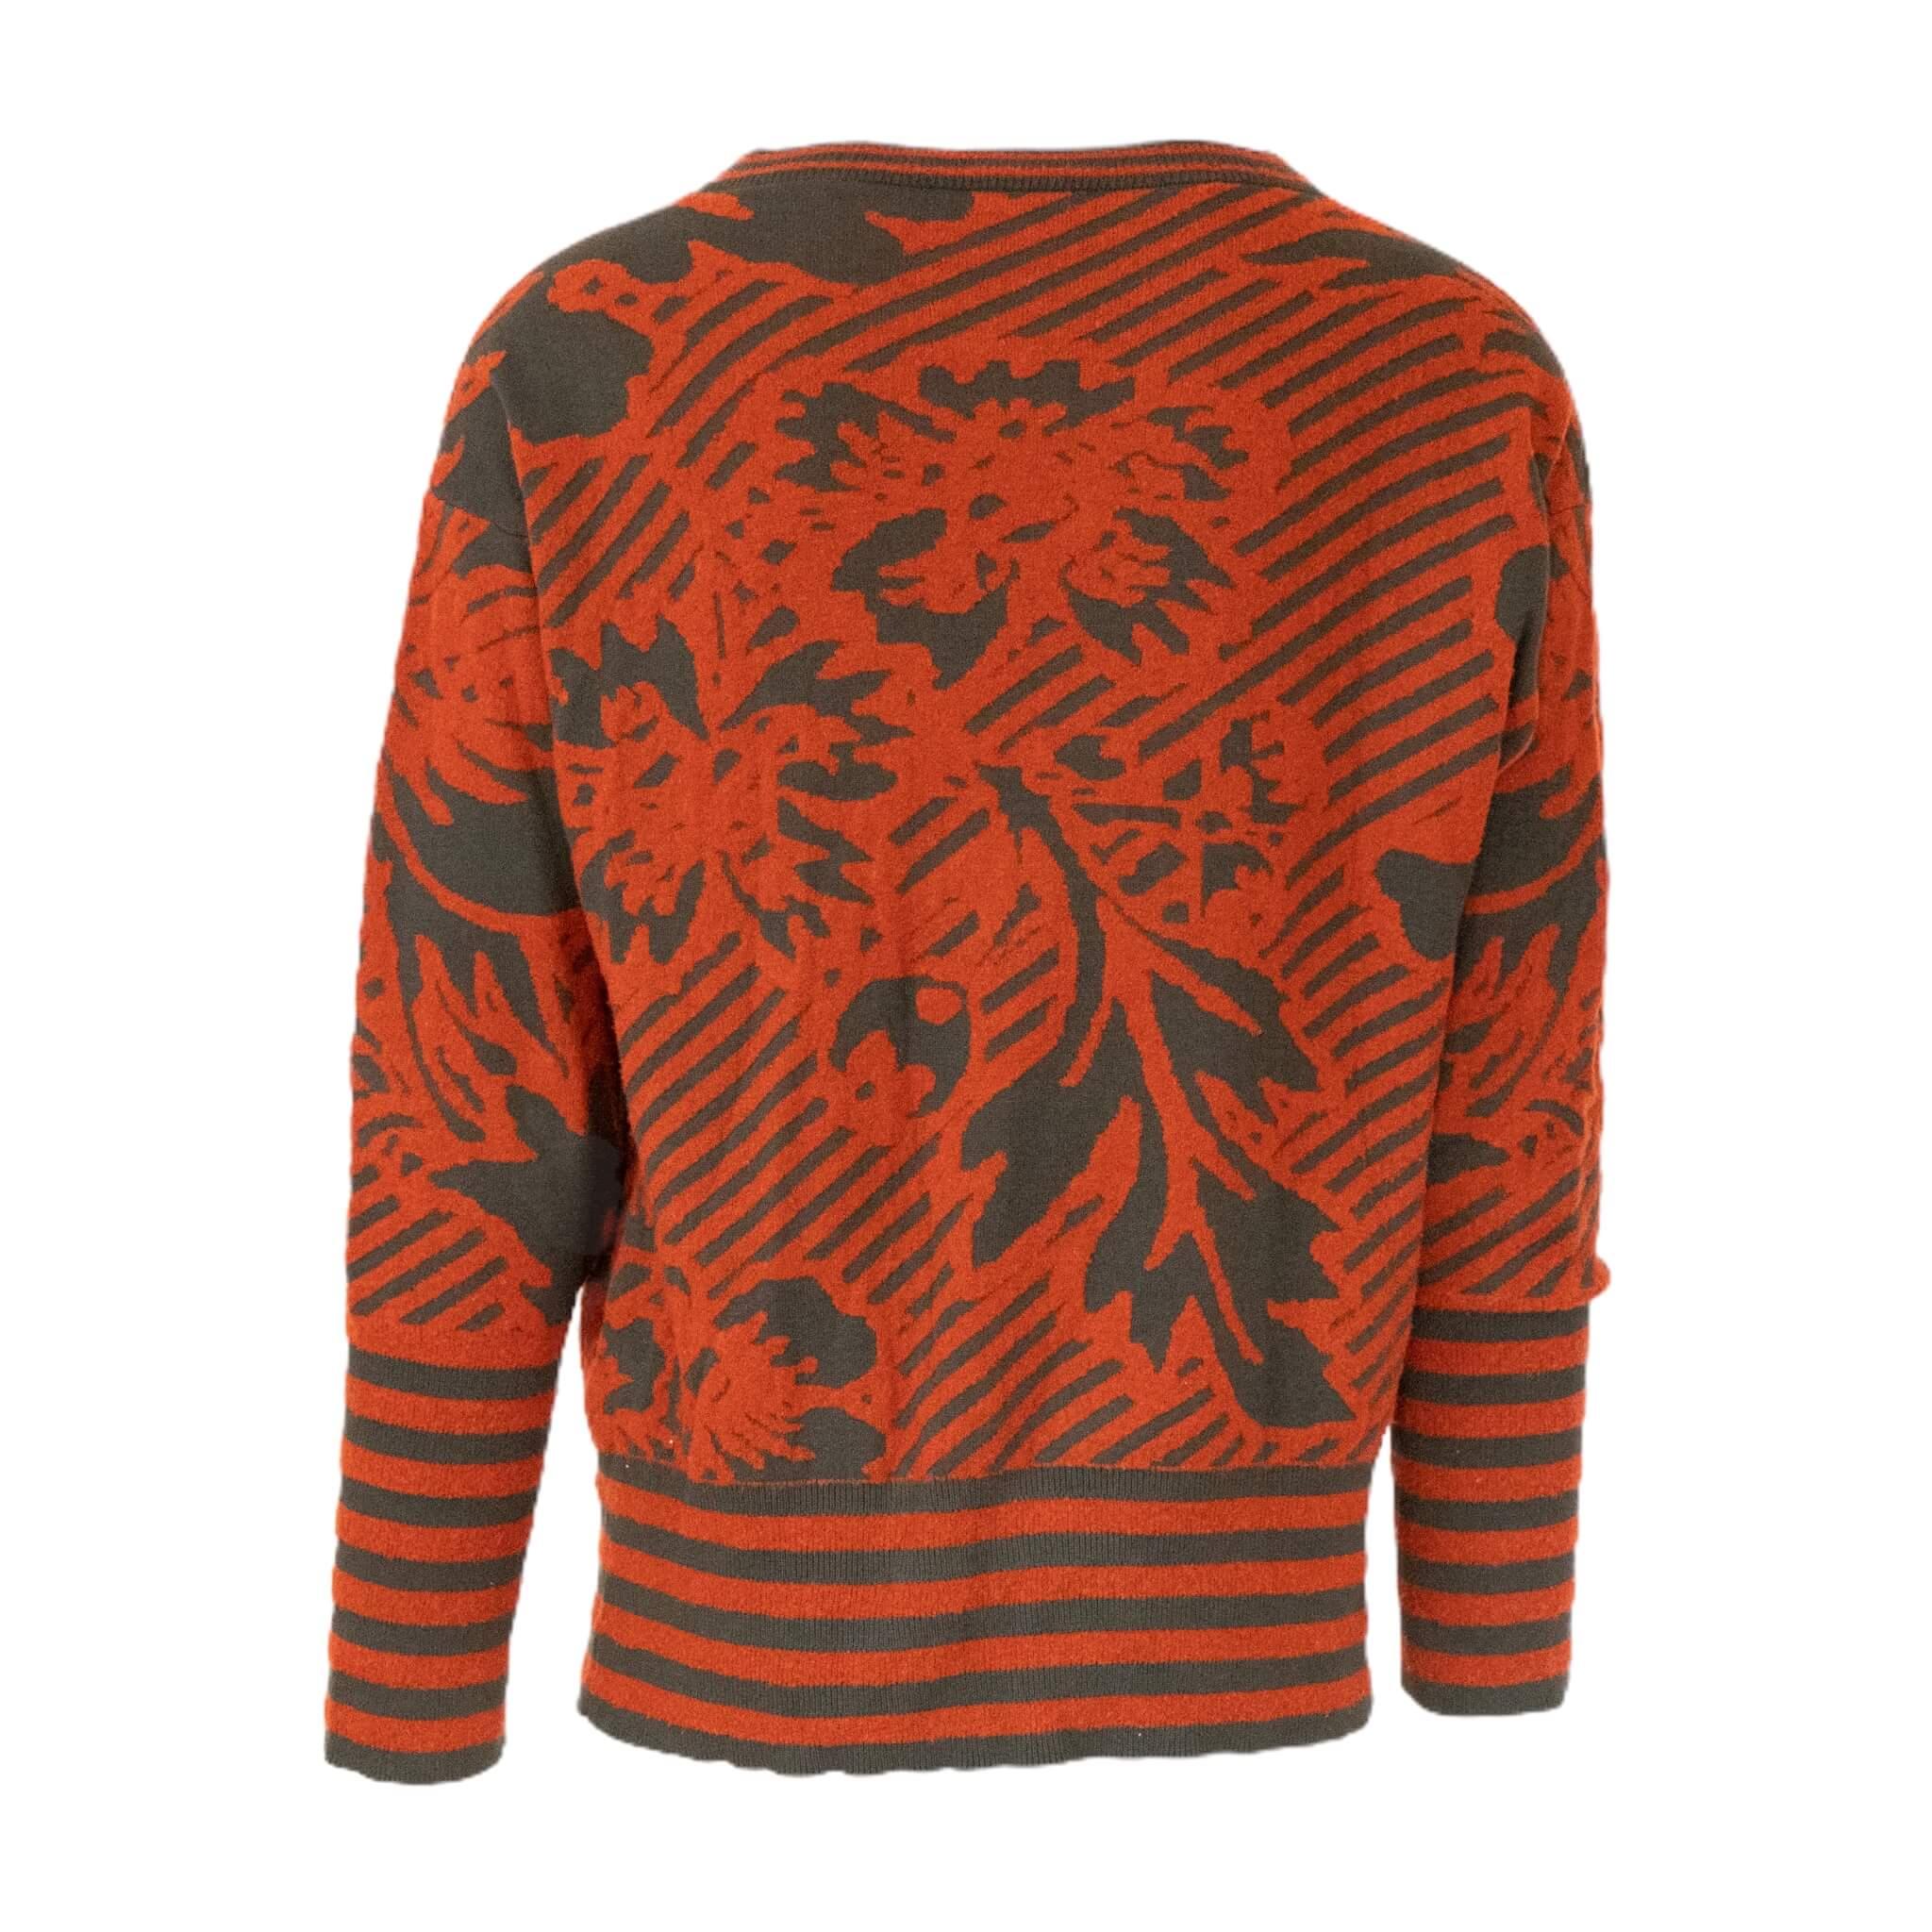 Vivienne Westwood Cozy Wool Sweater